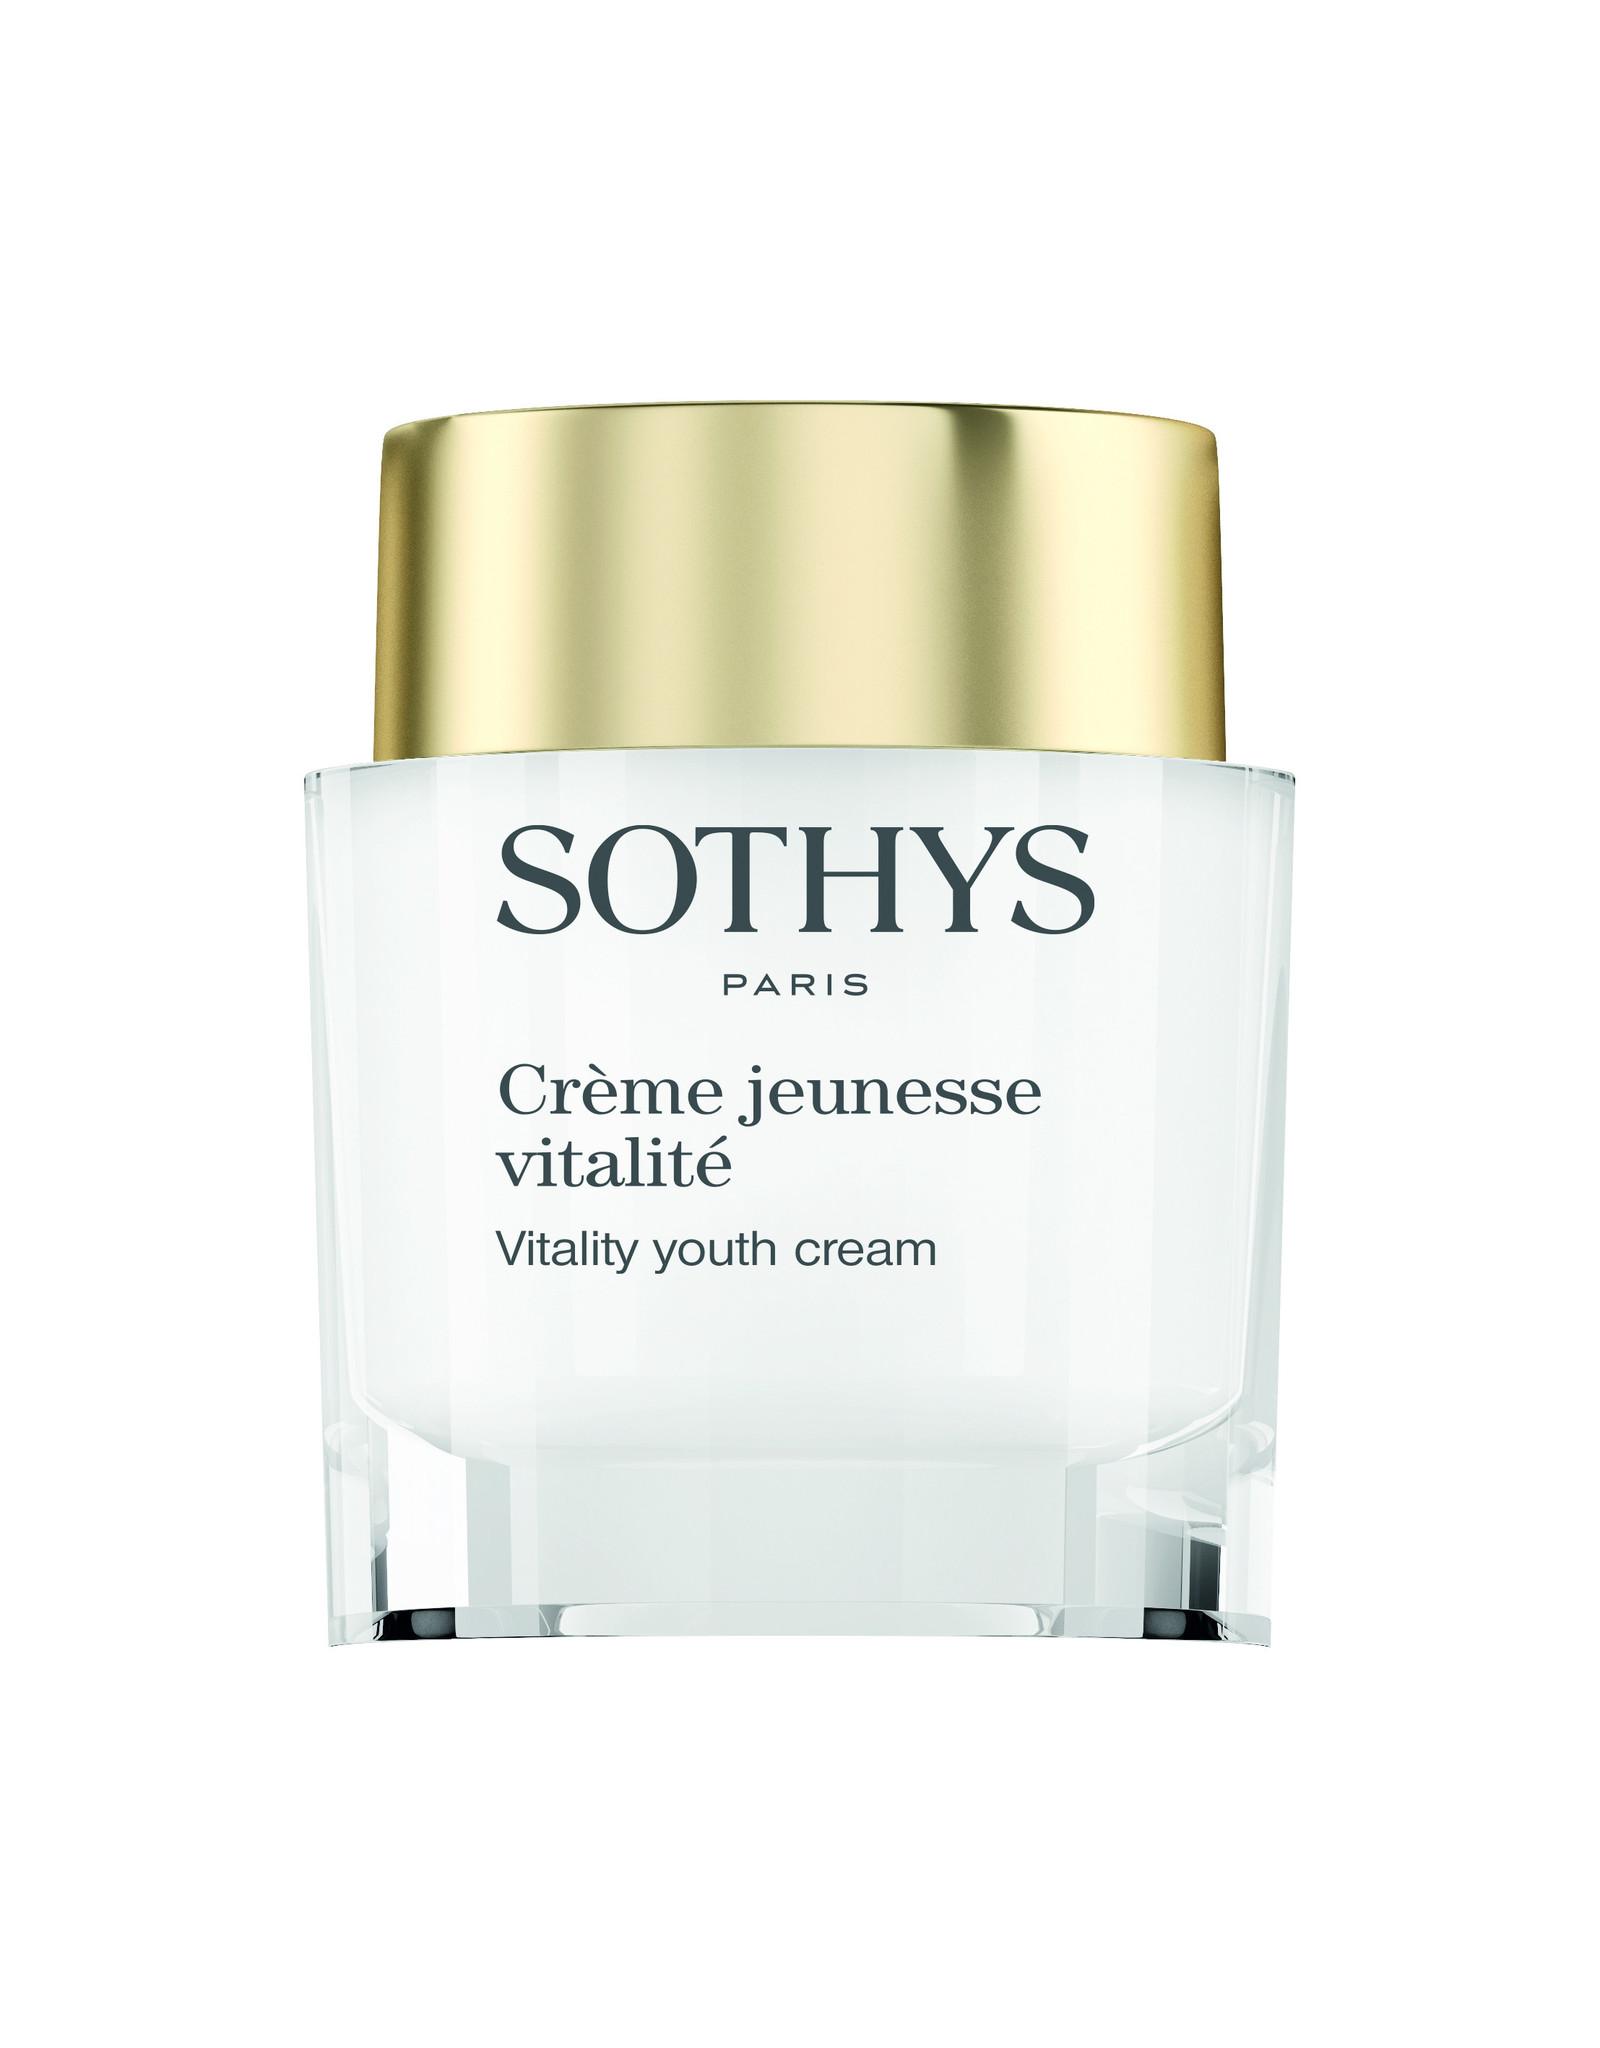 SOTHYS Crème jeunesse vitalité - Sothys